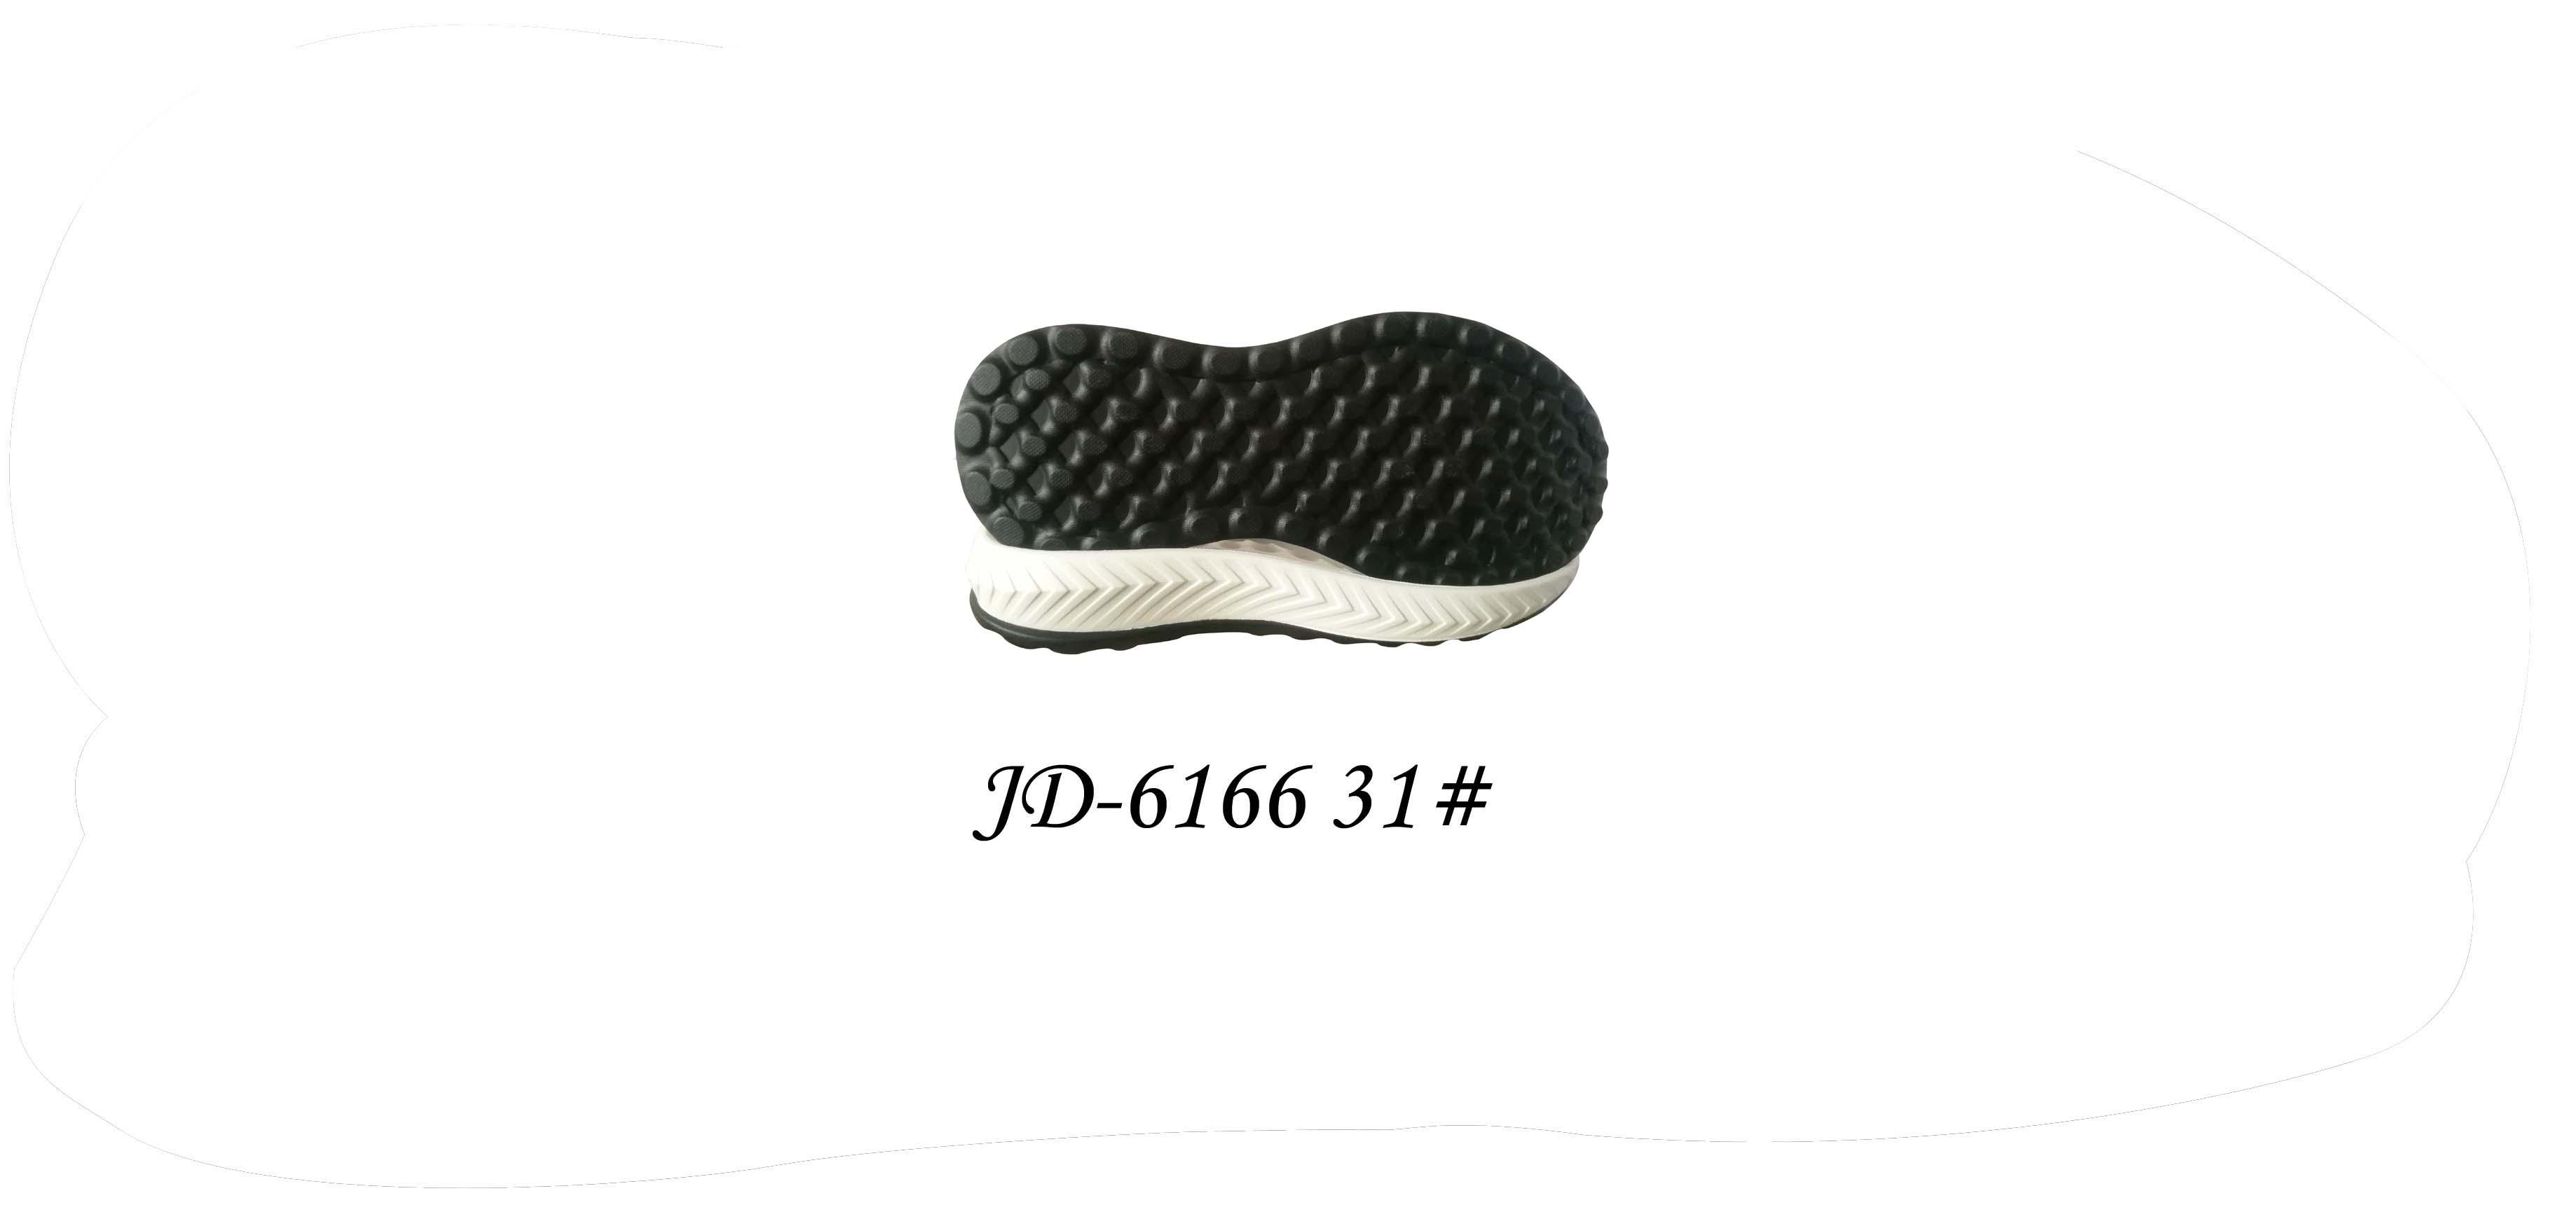 鞋底 PU 童段 休闲鞋 31 一体 鞋底 PU 童段 休闲鞋 31 一体 JD-6166